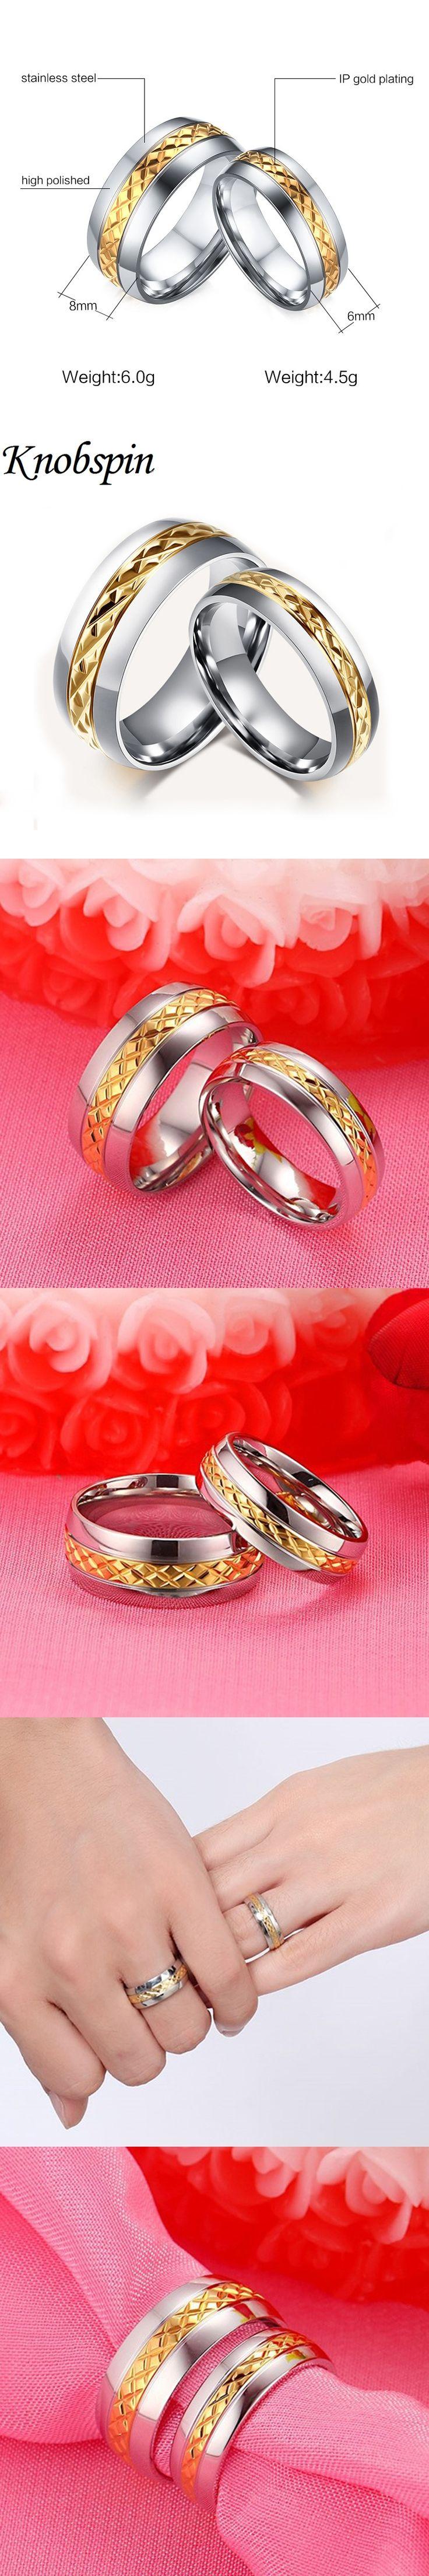 145 best Rings images on Pinterest